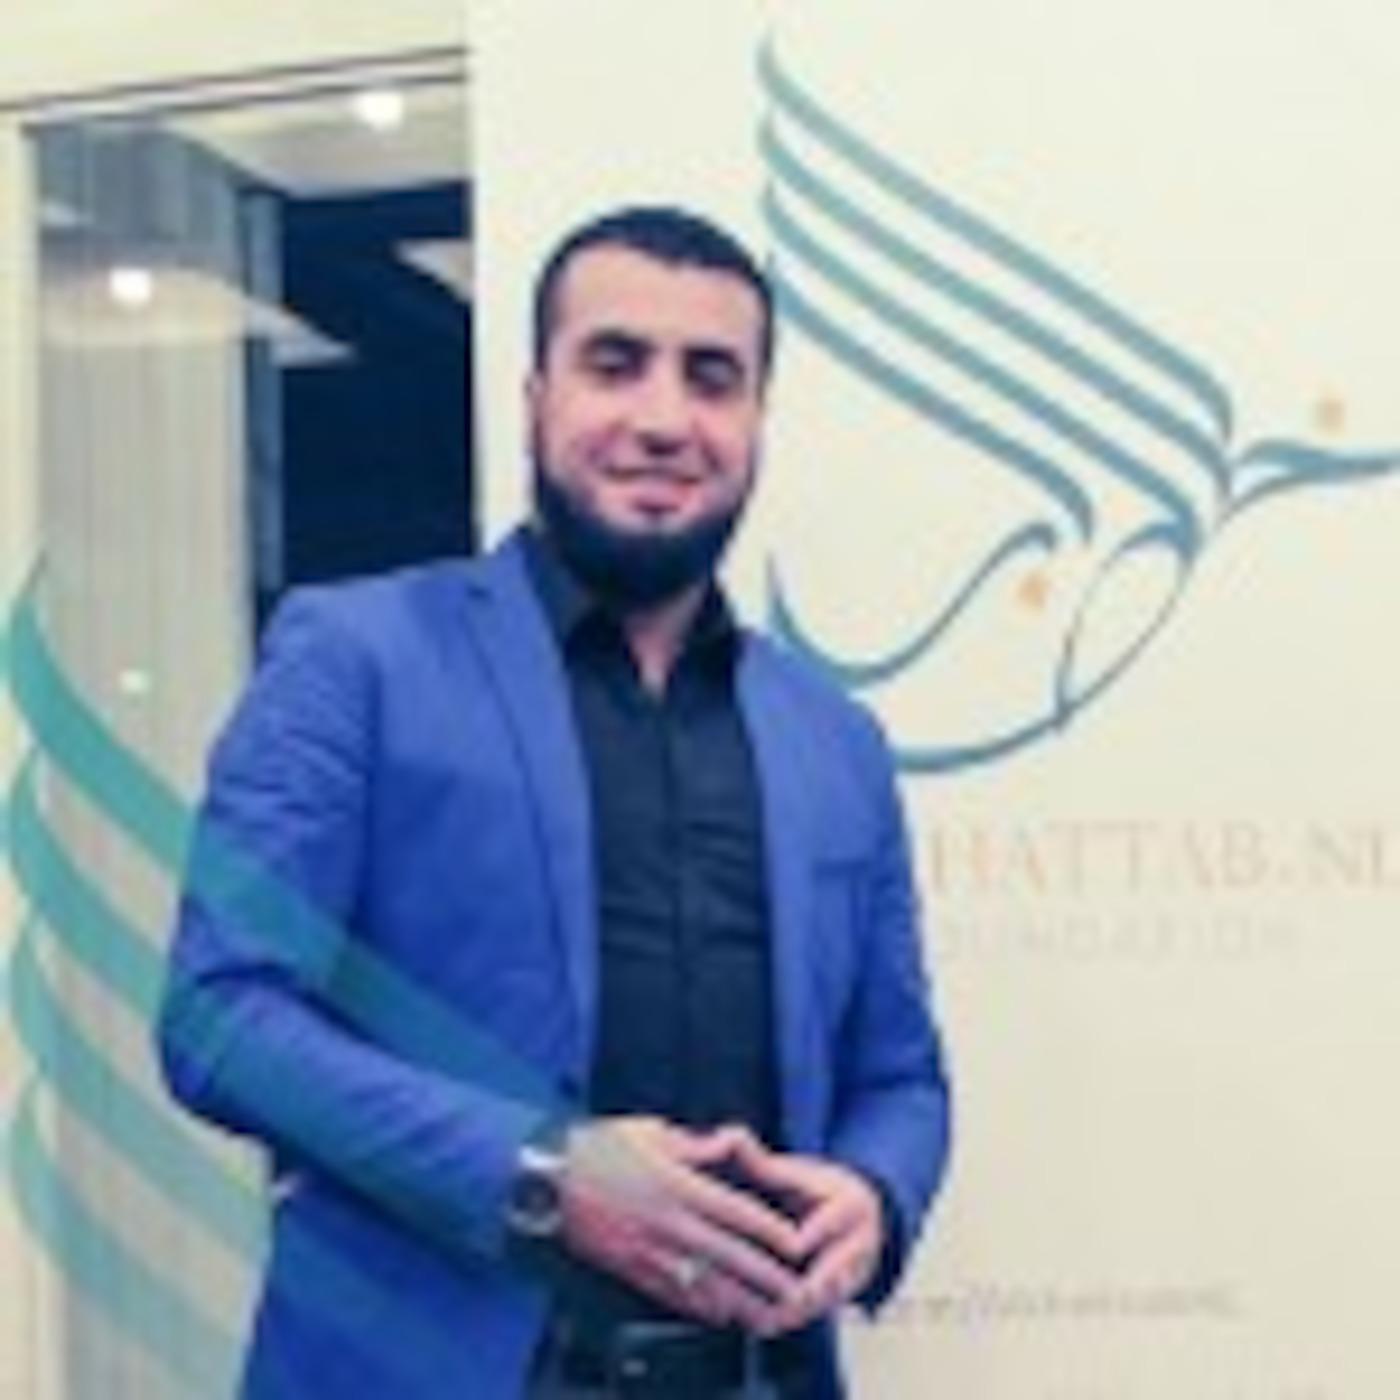 Broeder Alkhattab